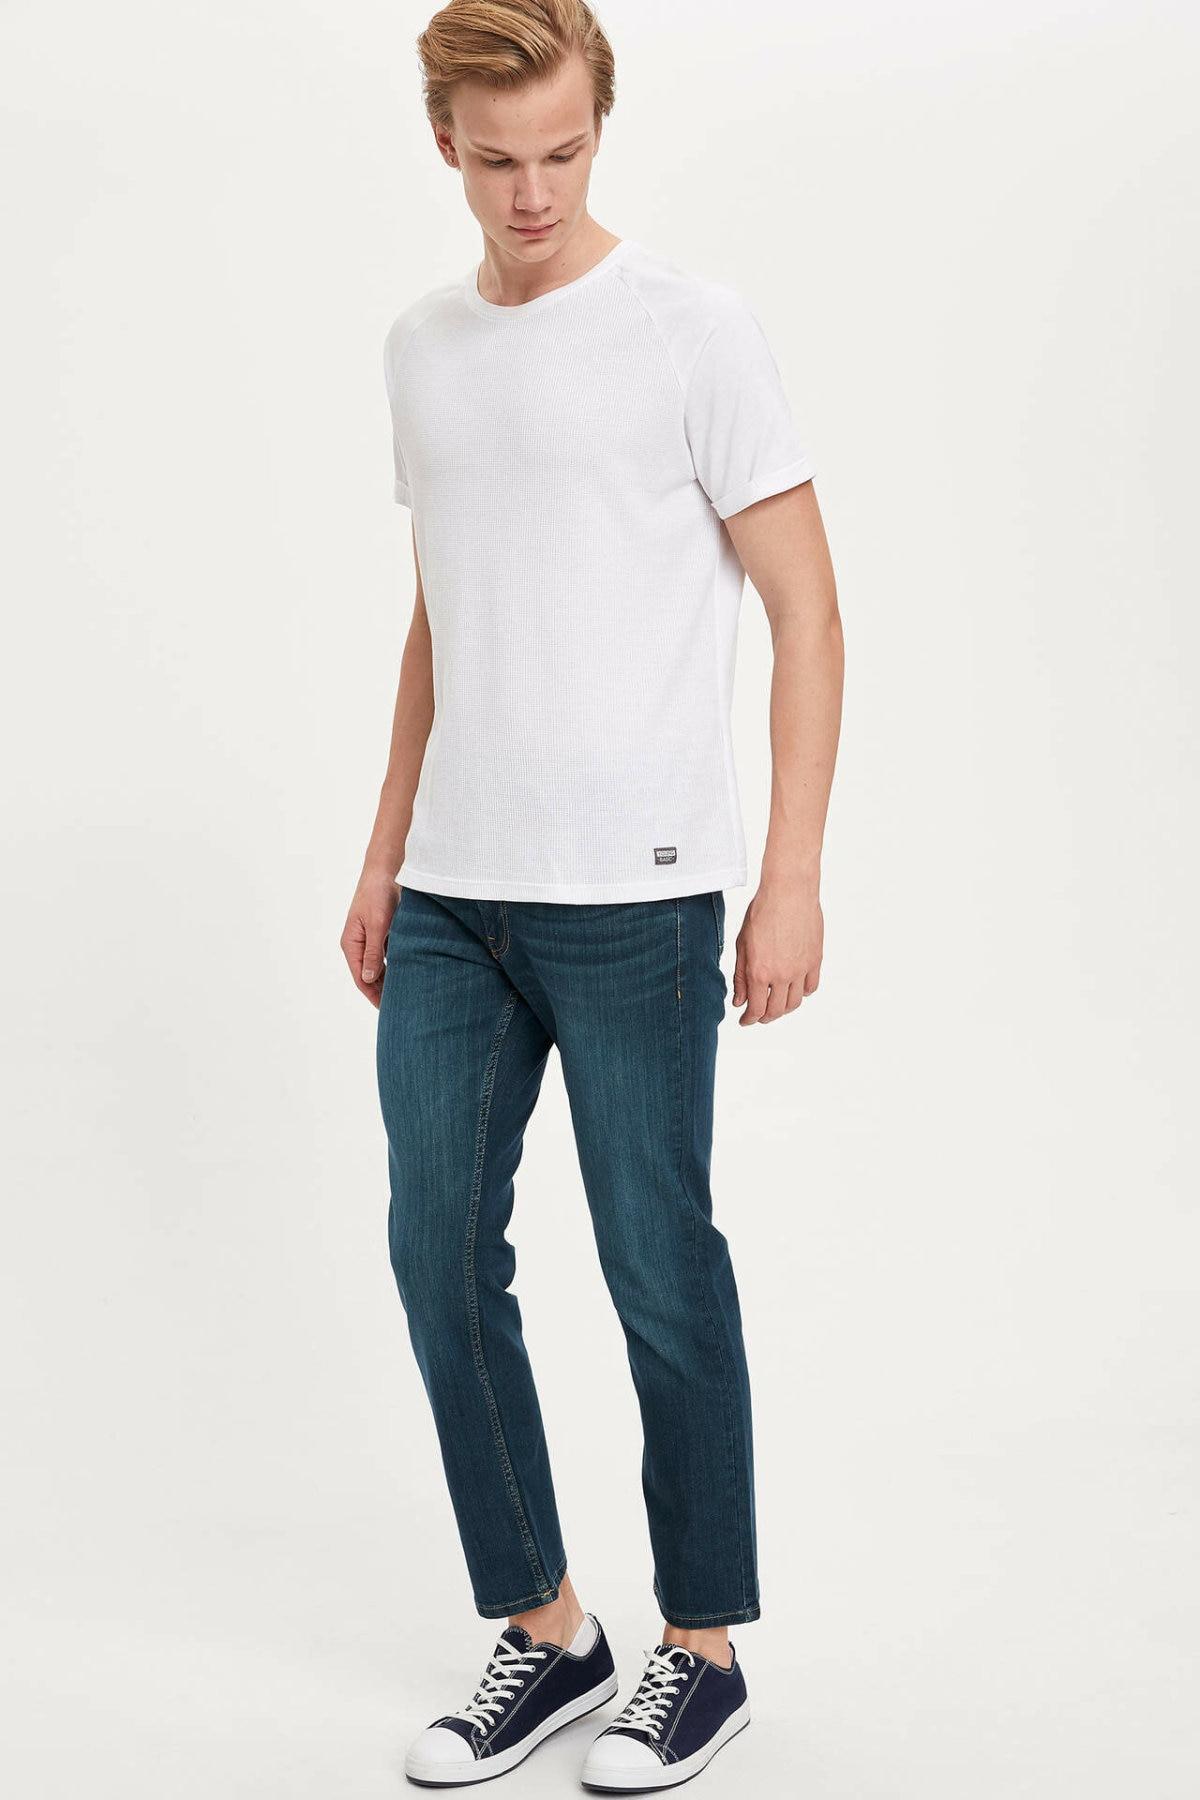 DeFacto Man Blue Denim Jeans Men Casual Straight Denim Trousers Men's Mid-waist Bottom Jeans-M7337AZ20SP